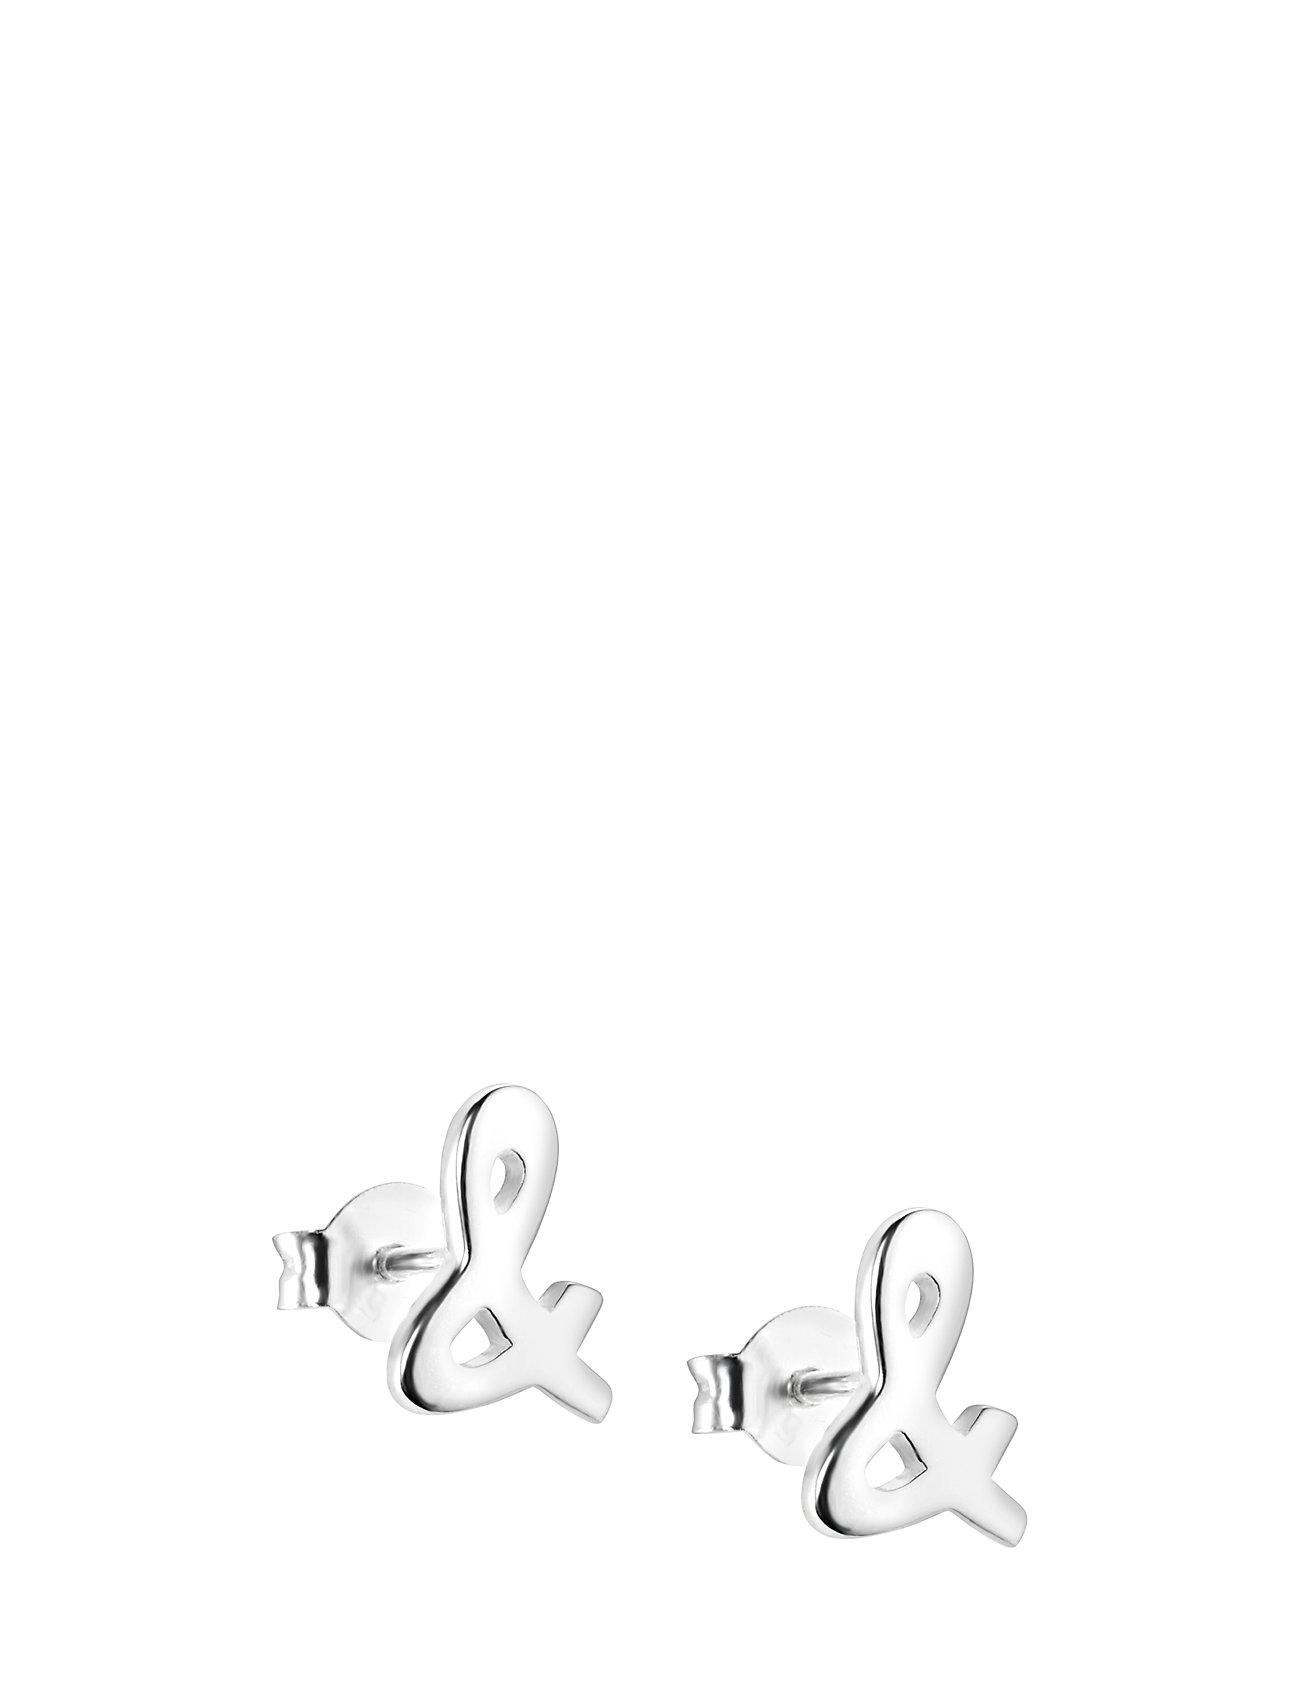 & Ear Accessories Jewellery Earrings Studs Hopea Efva Attling